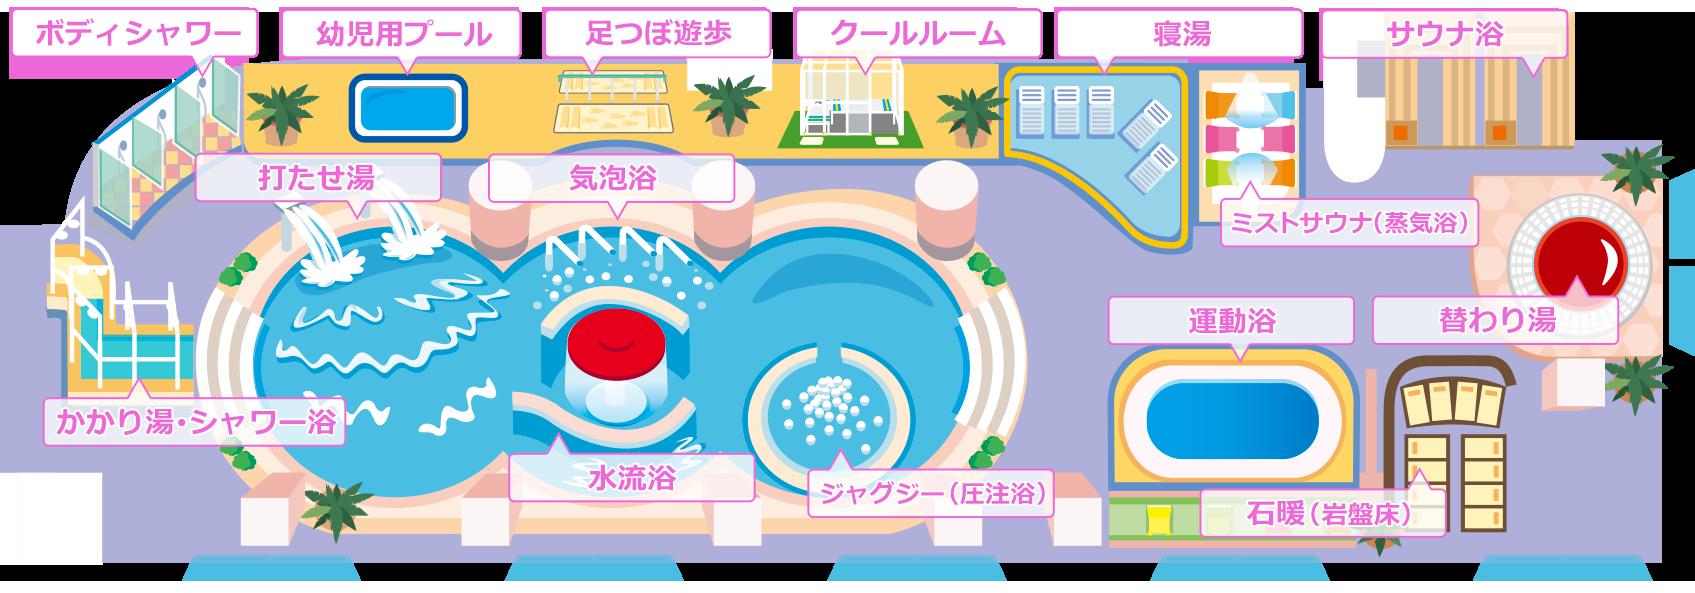 三浦海岸にあるホテル『マホロバ・マインズ三浦』(日帰り温泉&スパ&室内プール)